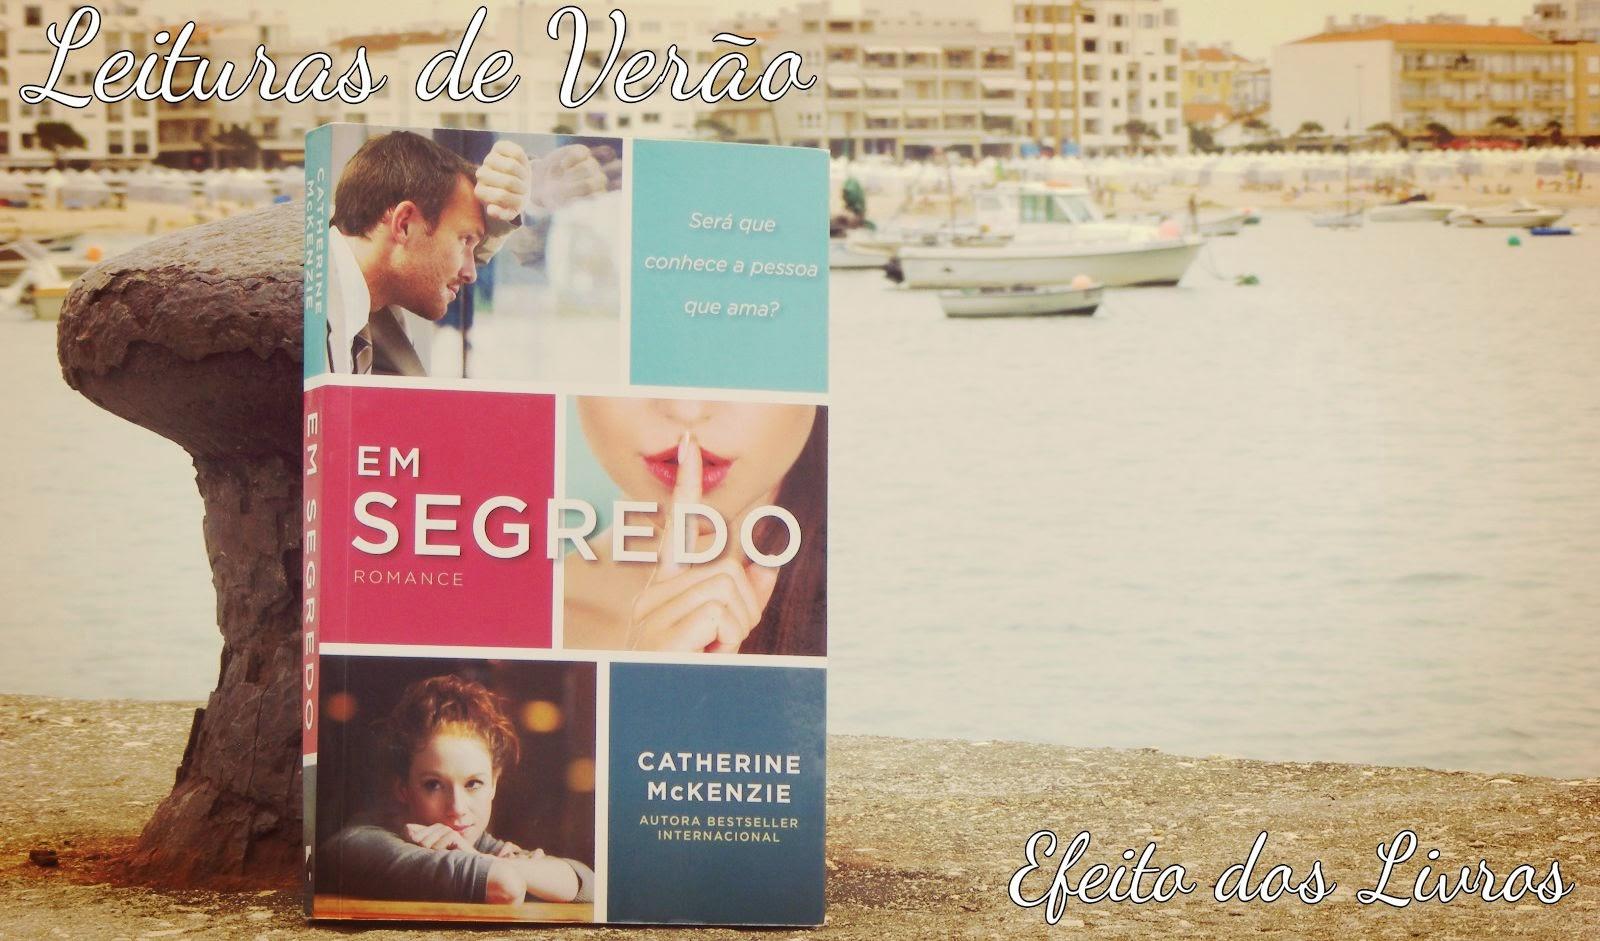 http://efeitodoslivros.blogspot.pt/2014/09/opiniao-em-segredo.html